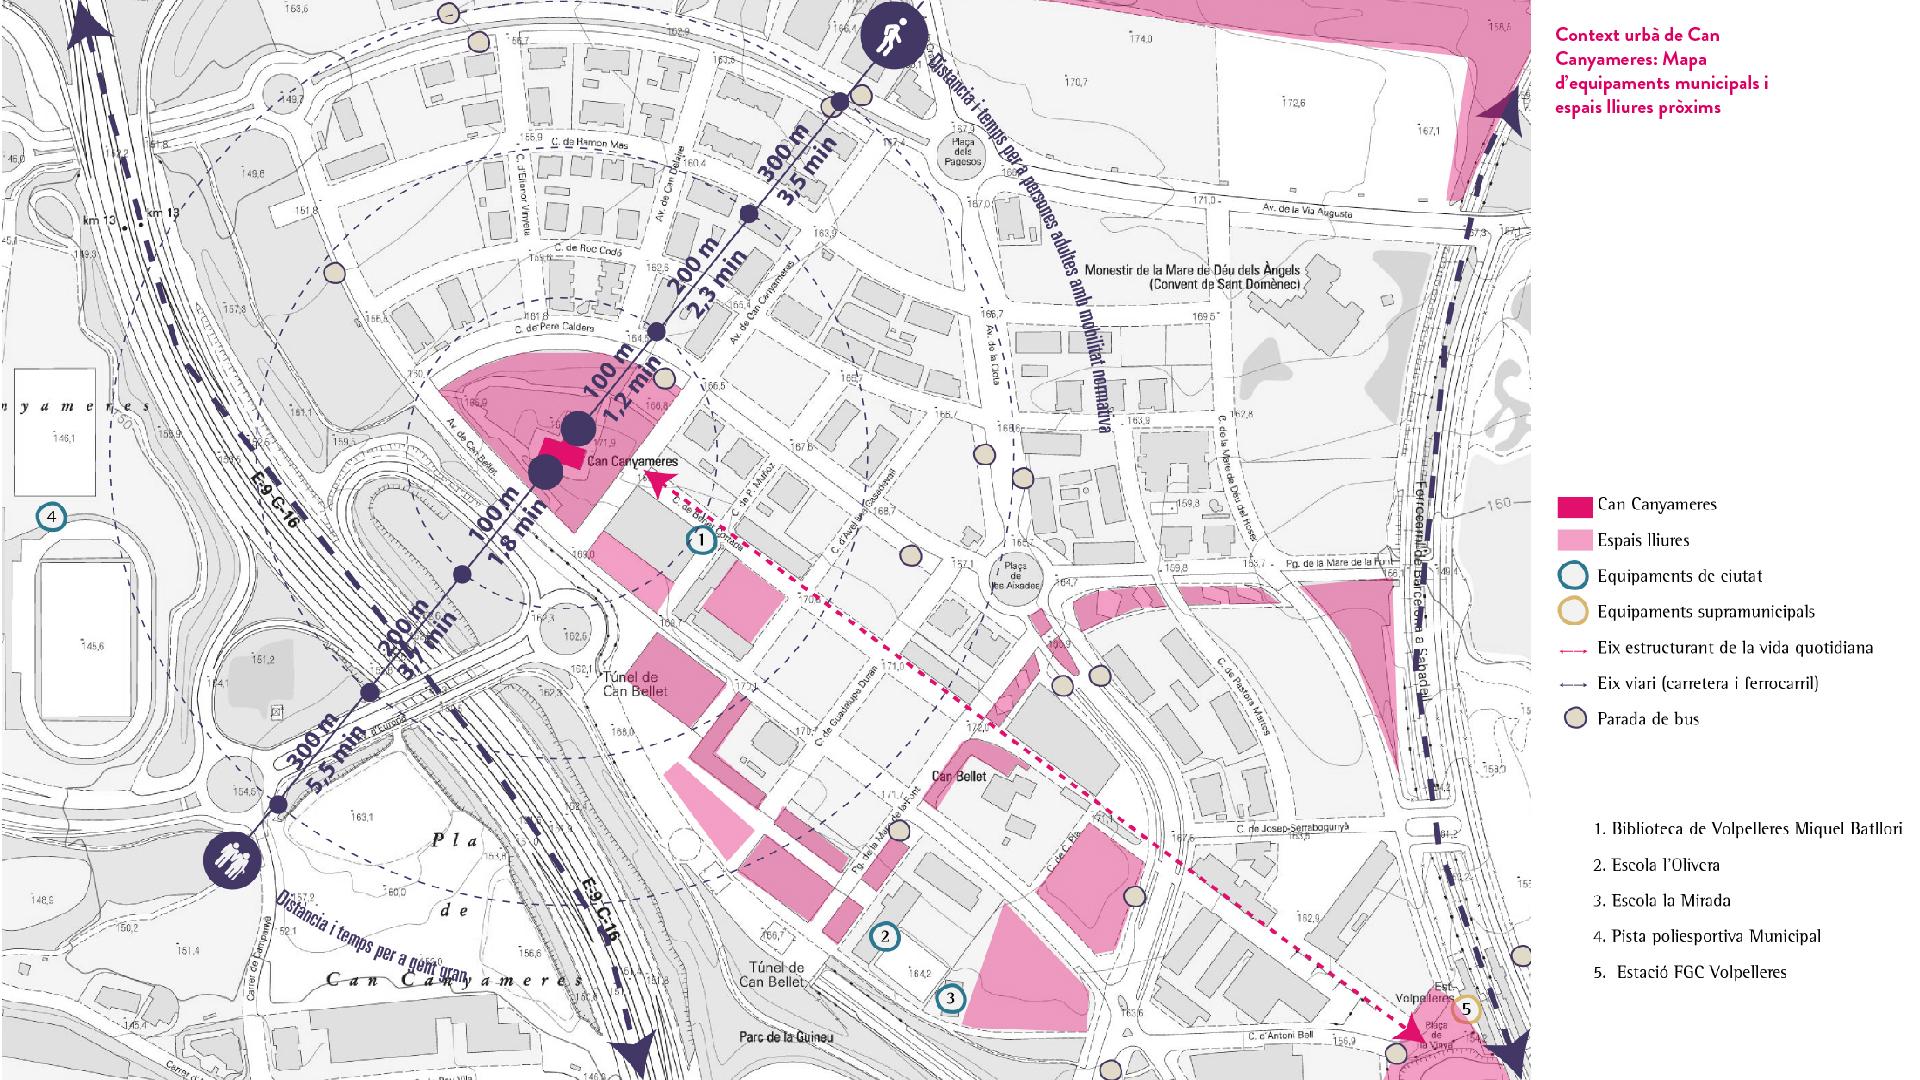 plantilla fotos_Context urbà de Can Canyameres- Mapa d'equipaments municipals i espais lliures pròxims